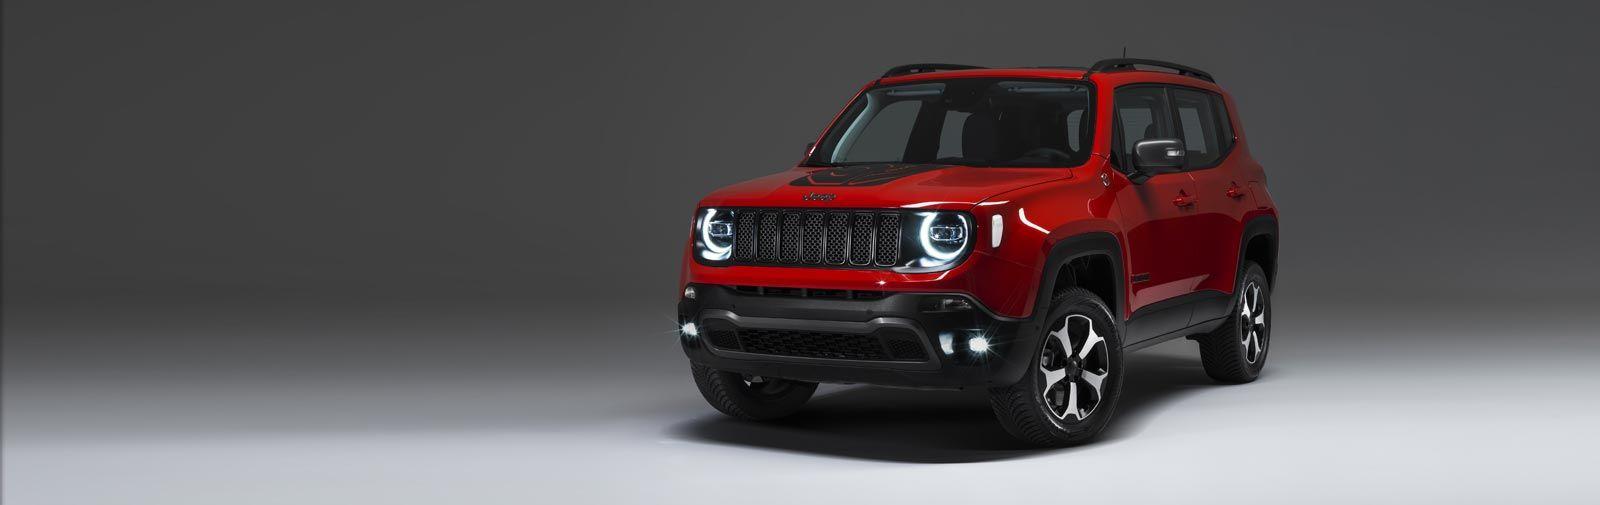 Este año la marca Jeep sigue sorprendiendo al público en el Salón Internacional del Automóvil de Ginebra.